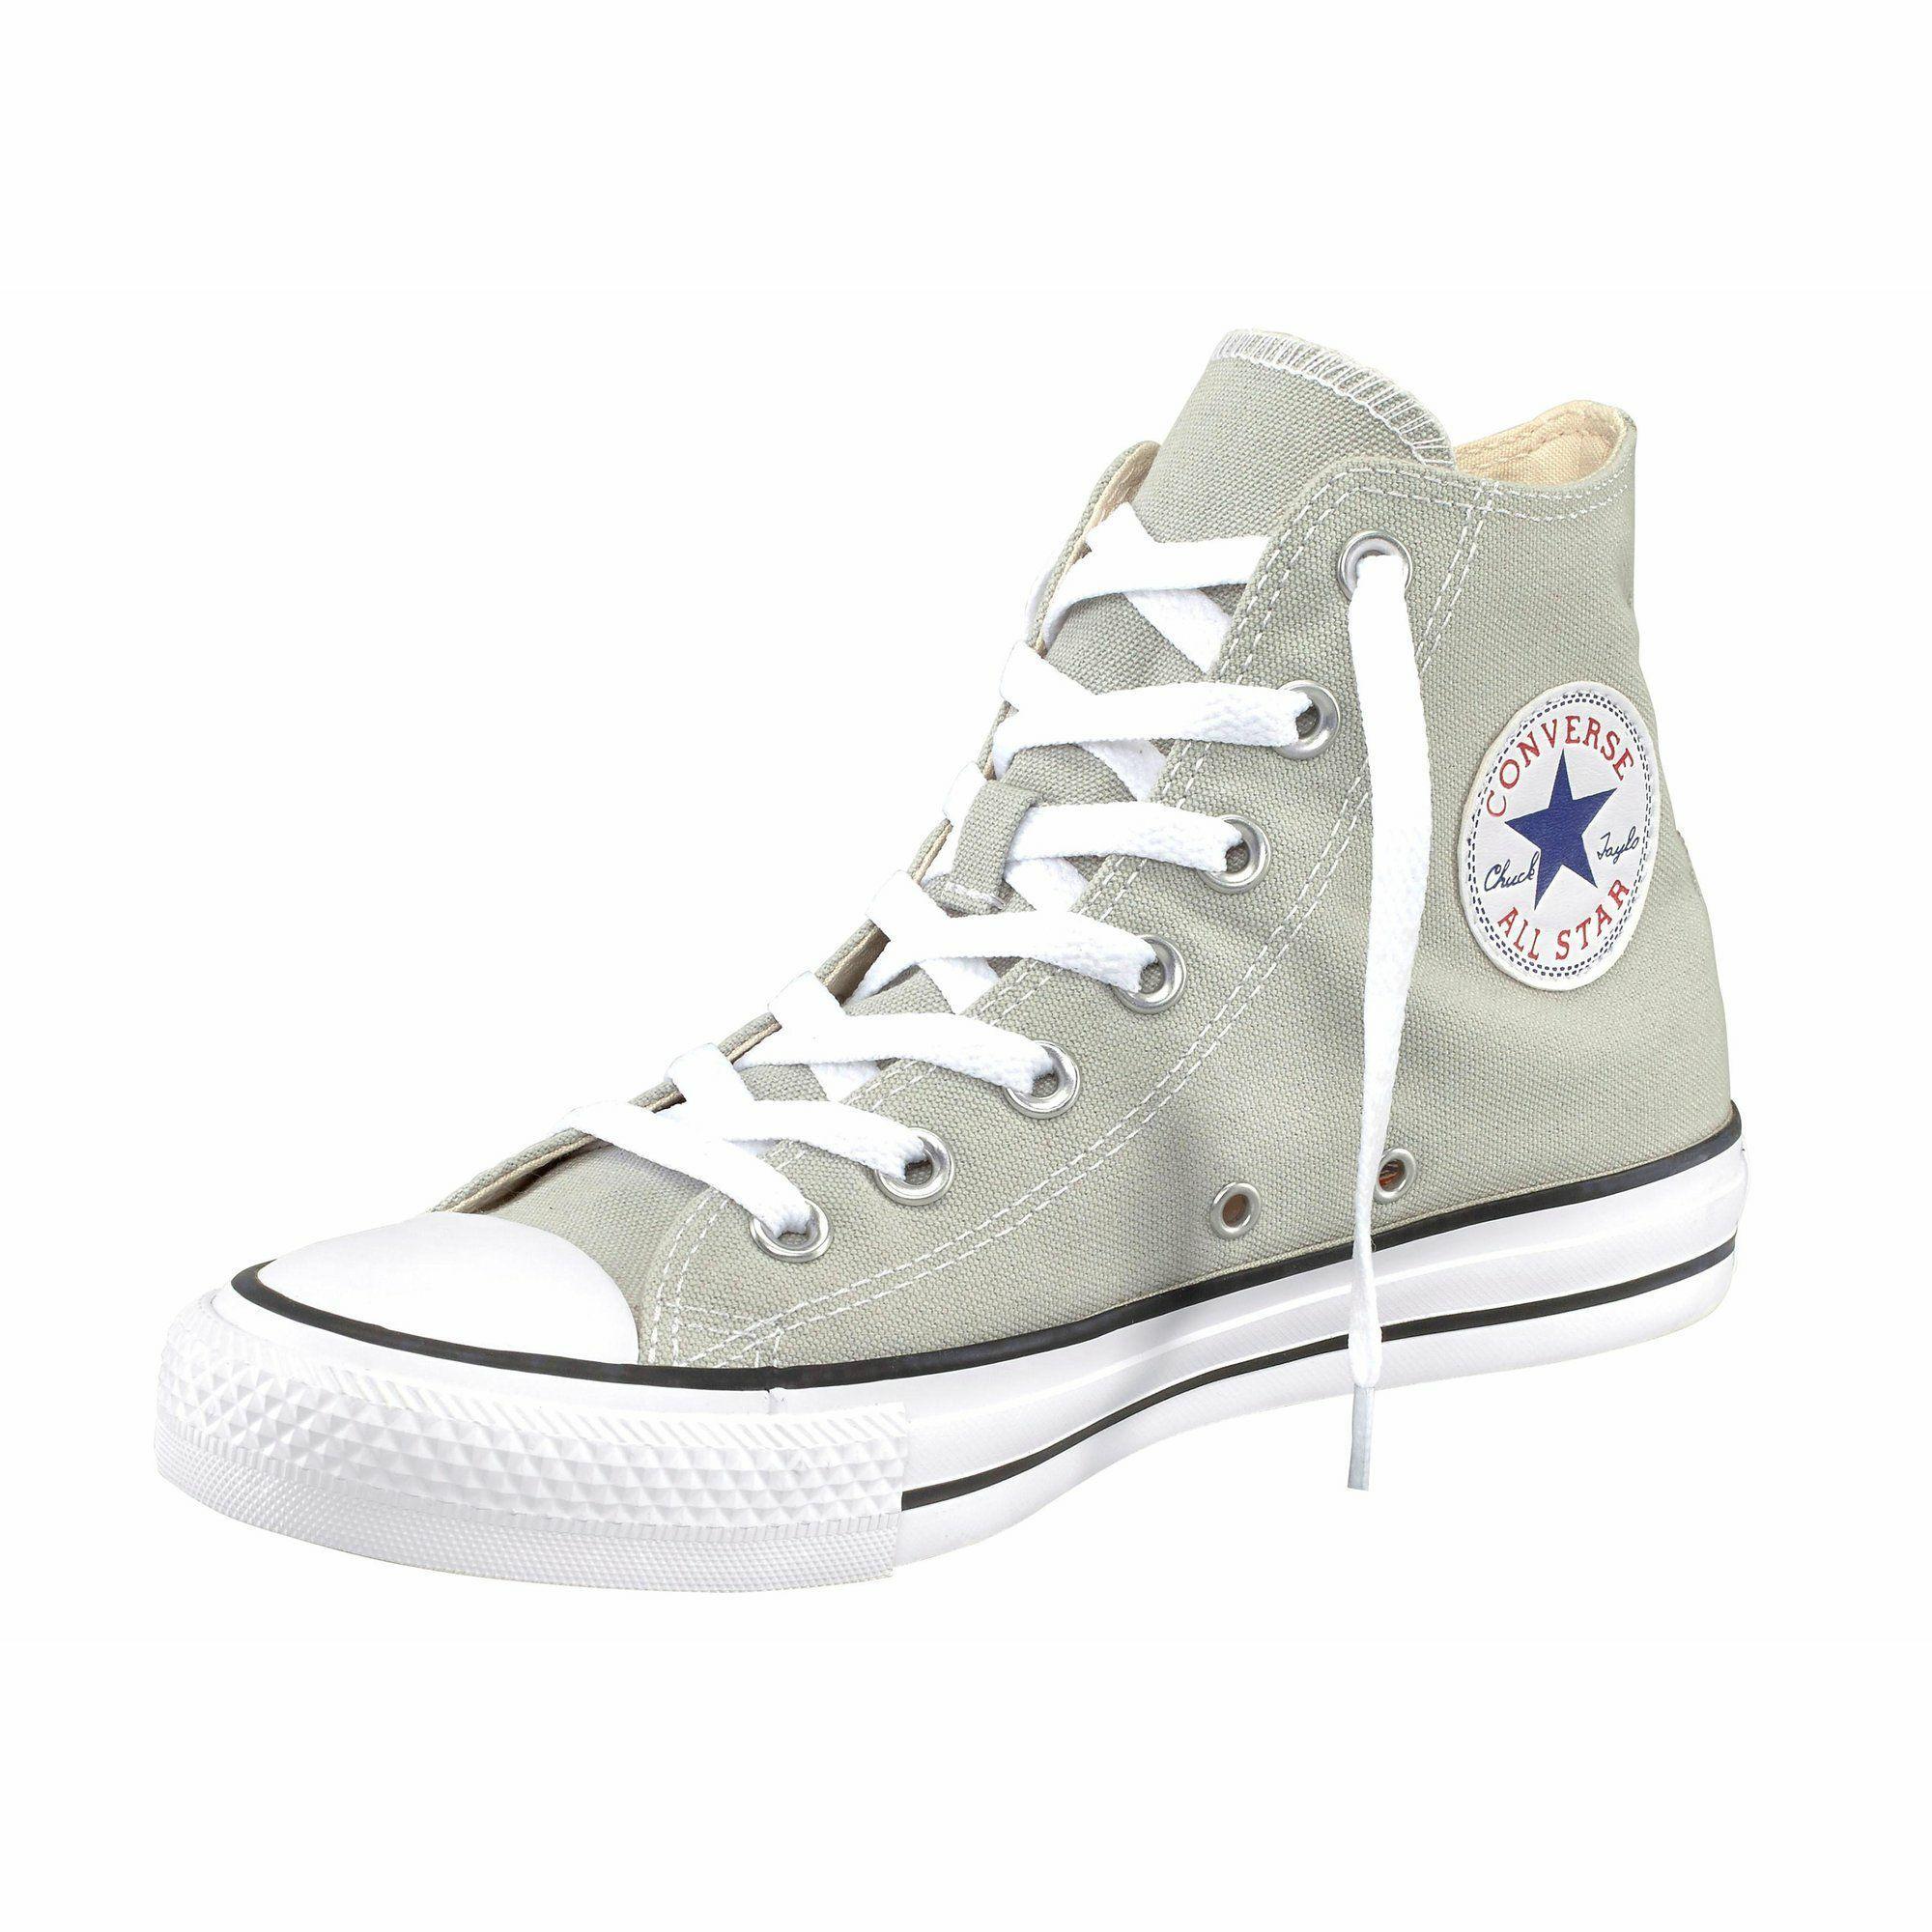 Chaussures montantes Converse All Star Hi - gris (du 36 au 45)